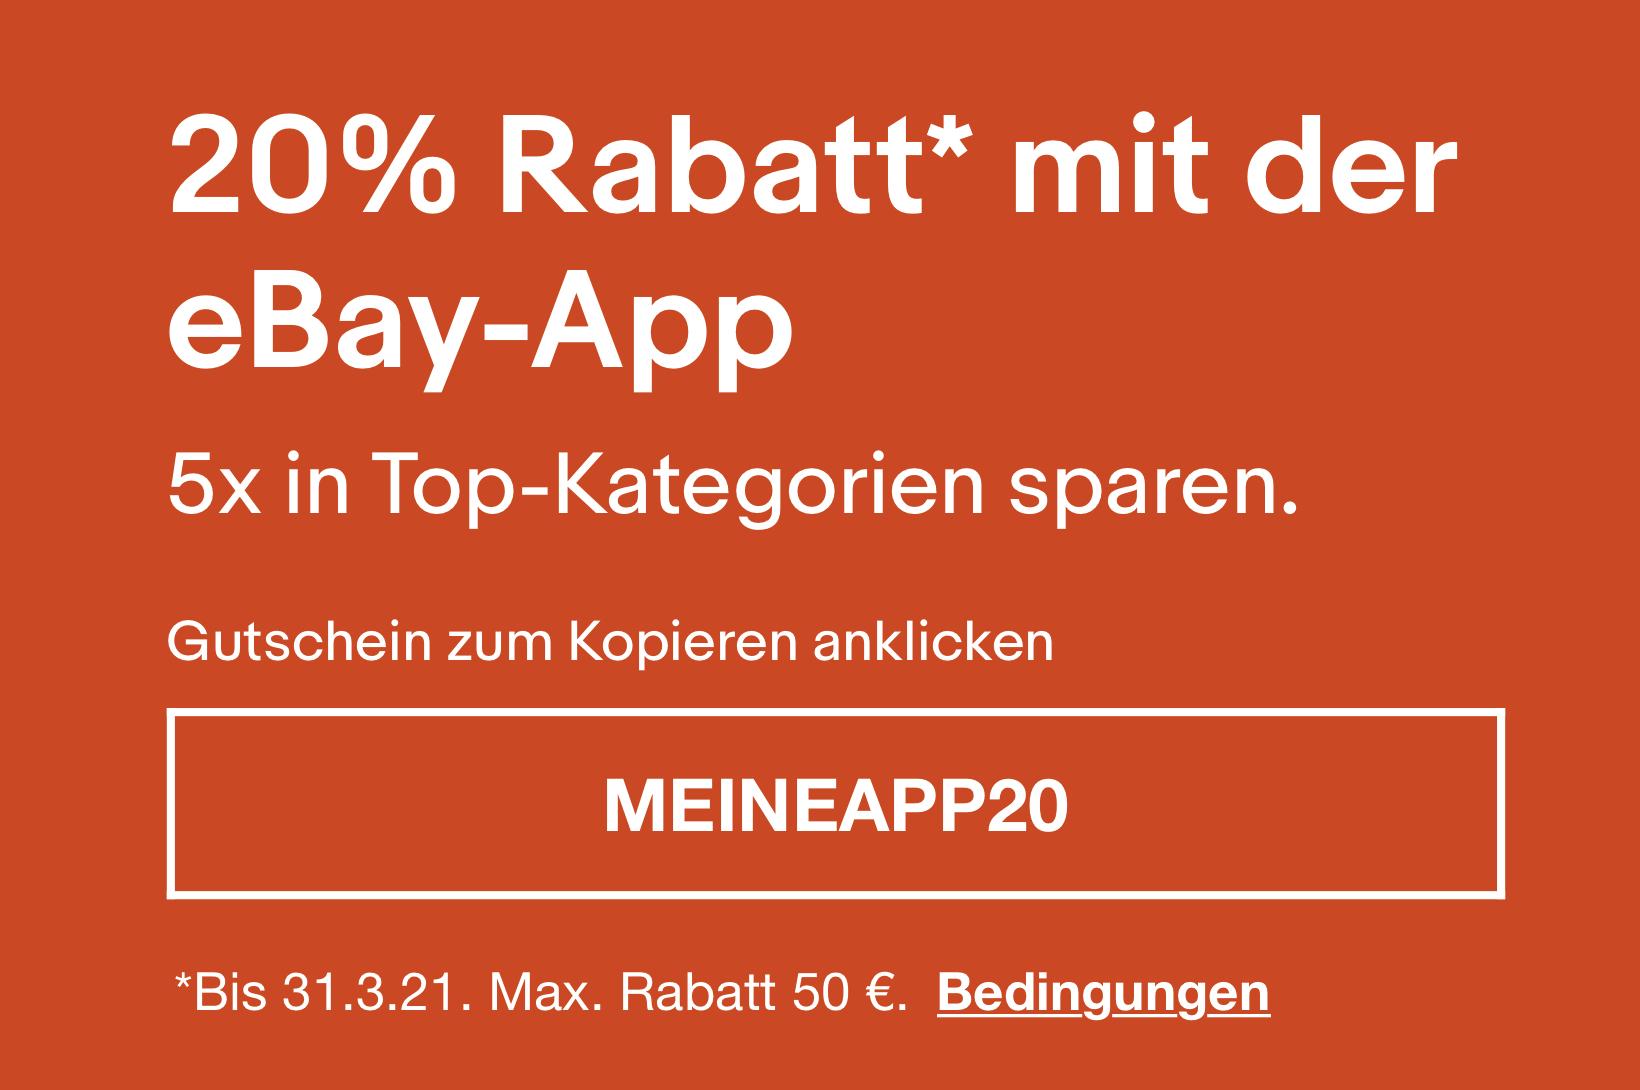 Personalisiert: 5 x 20% Rabatt mit der Ebay-App